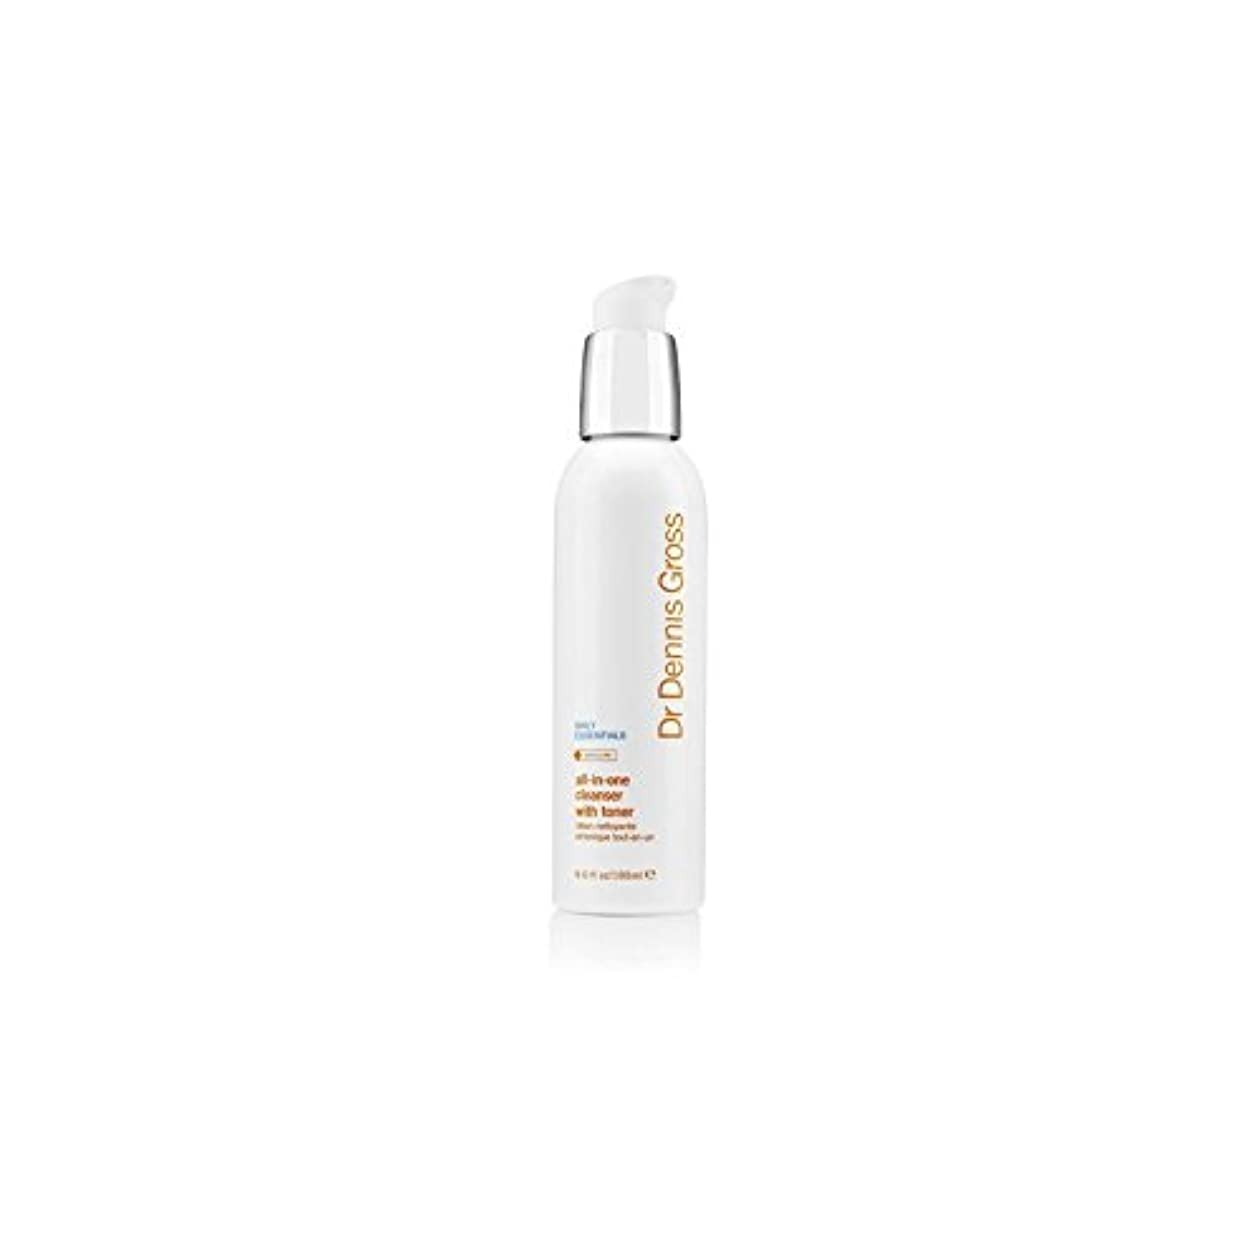 グリース序文吸うDr Dennis Gross All-In-One Facial Cleanser With Toner (180ml) (Pack of 6) - デニスグロスオールインワントナー(180ミリリットル)とフェイシャルクレンザー...